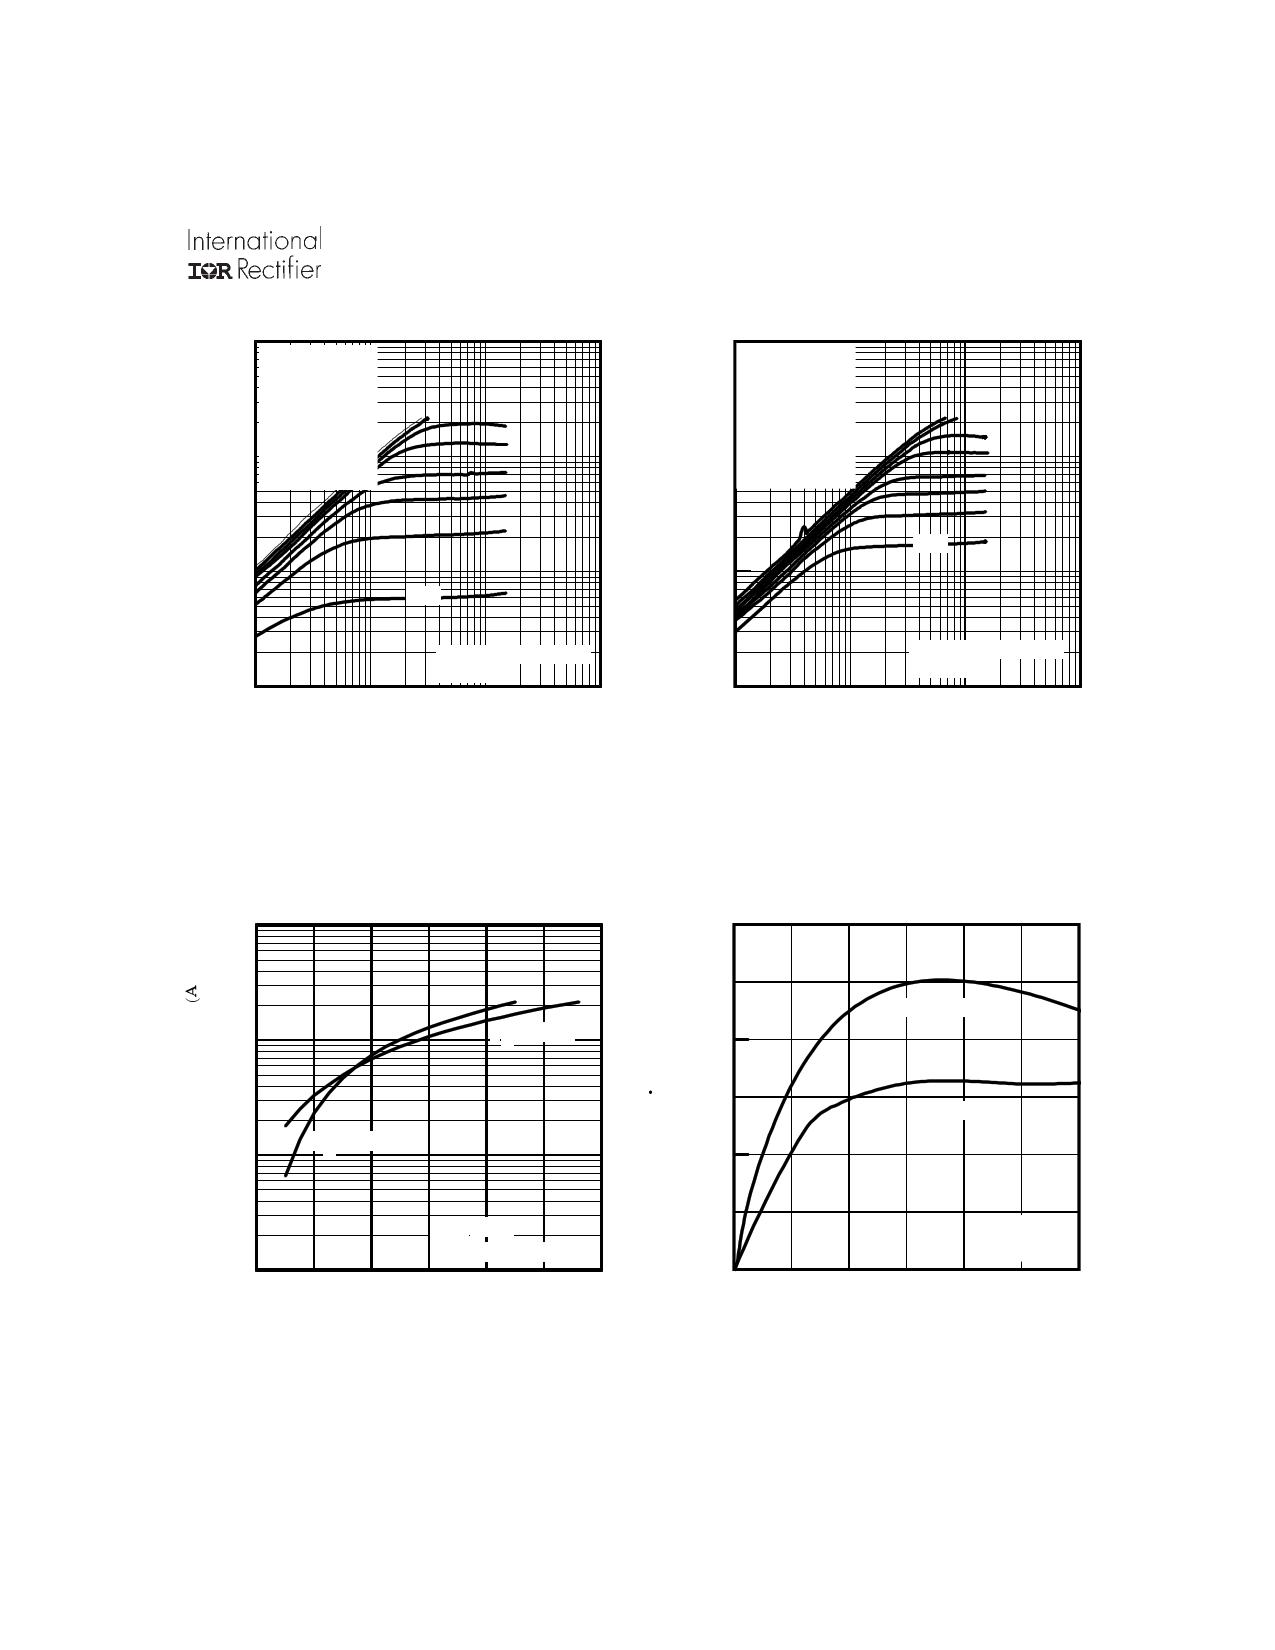 IRFZ46Z pdf, ピン配列